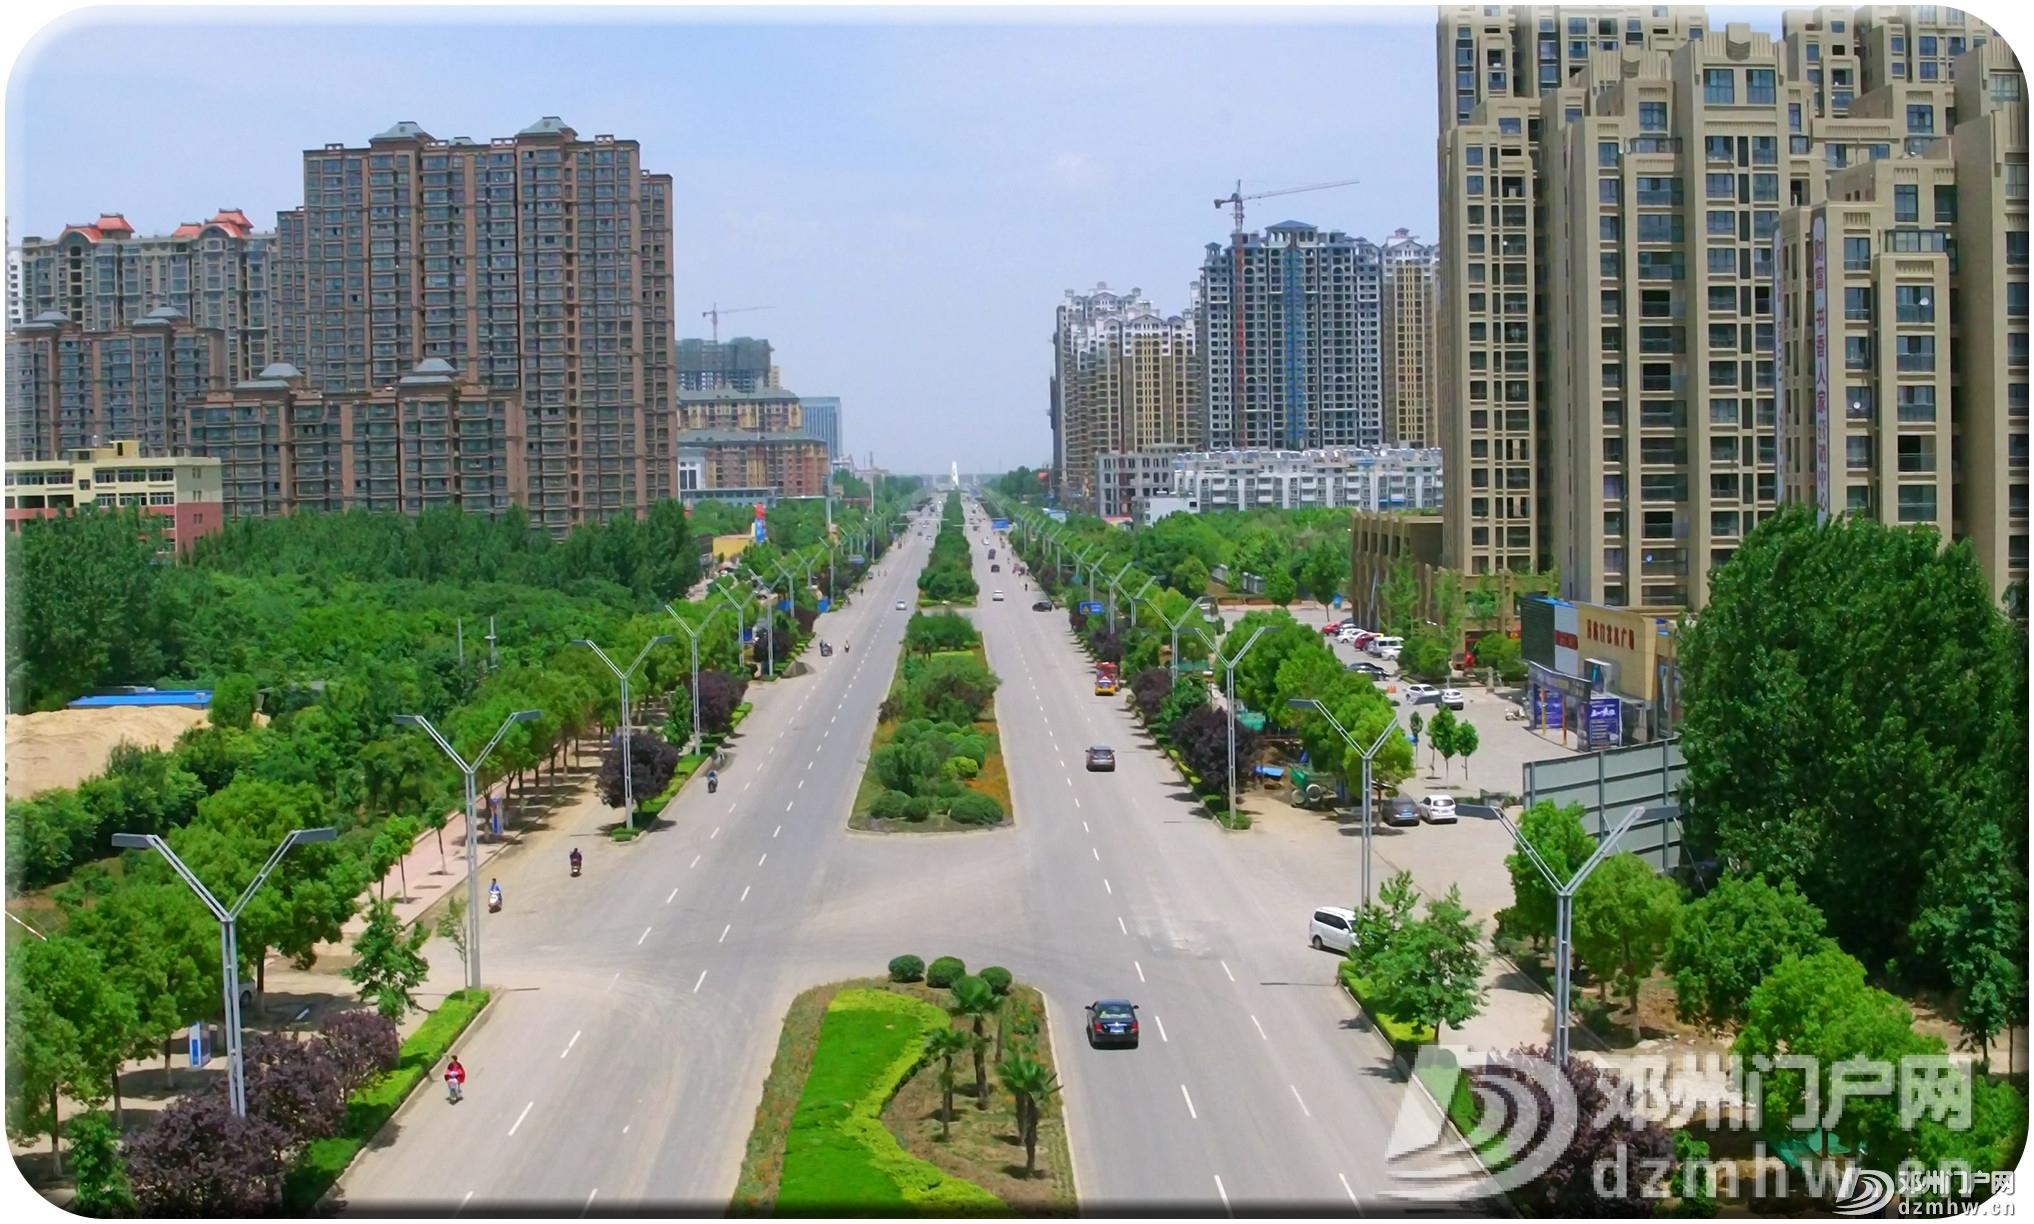 我叫邓州,这是我的最新简历,2020年,请多关照! - 邓州门户网|邓州网 - c35694fe64e720dd78b3c2d0f53ec95a.jpg